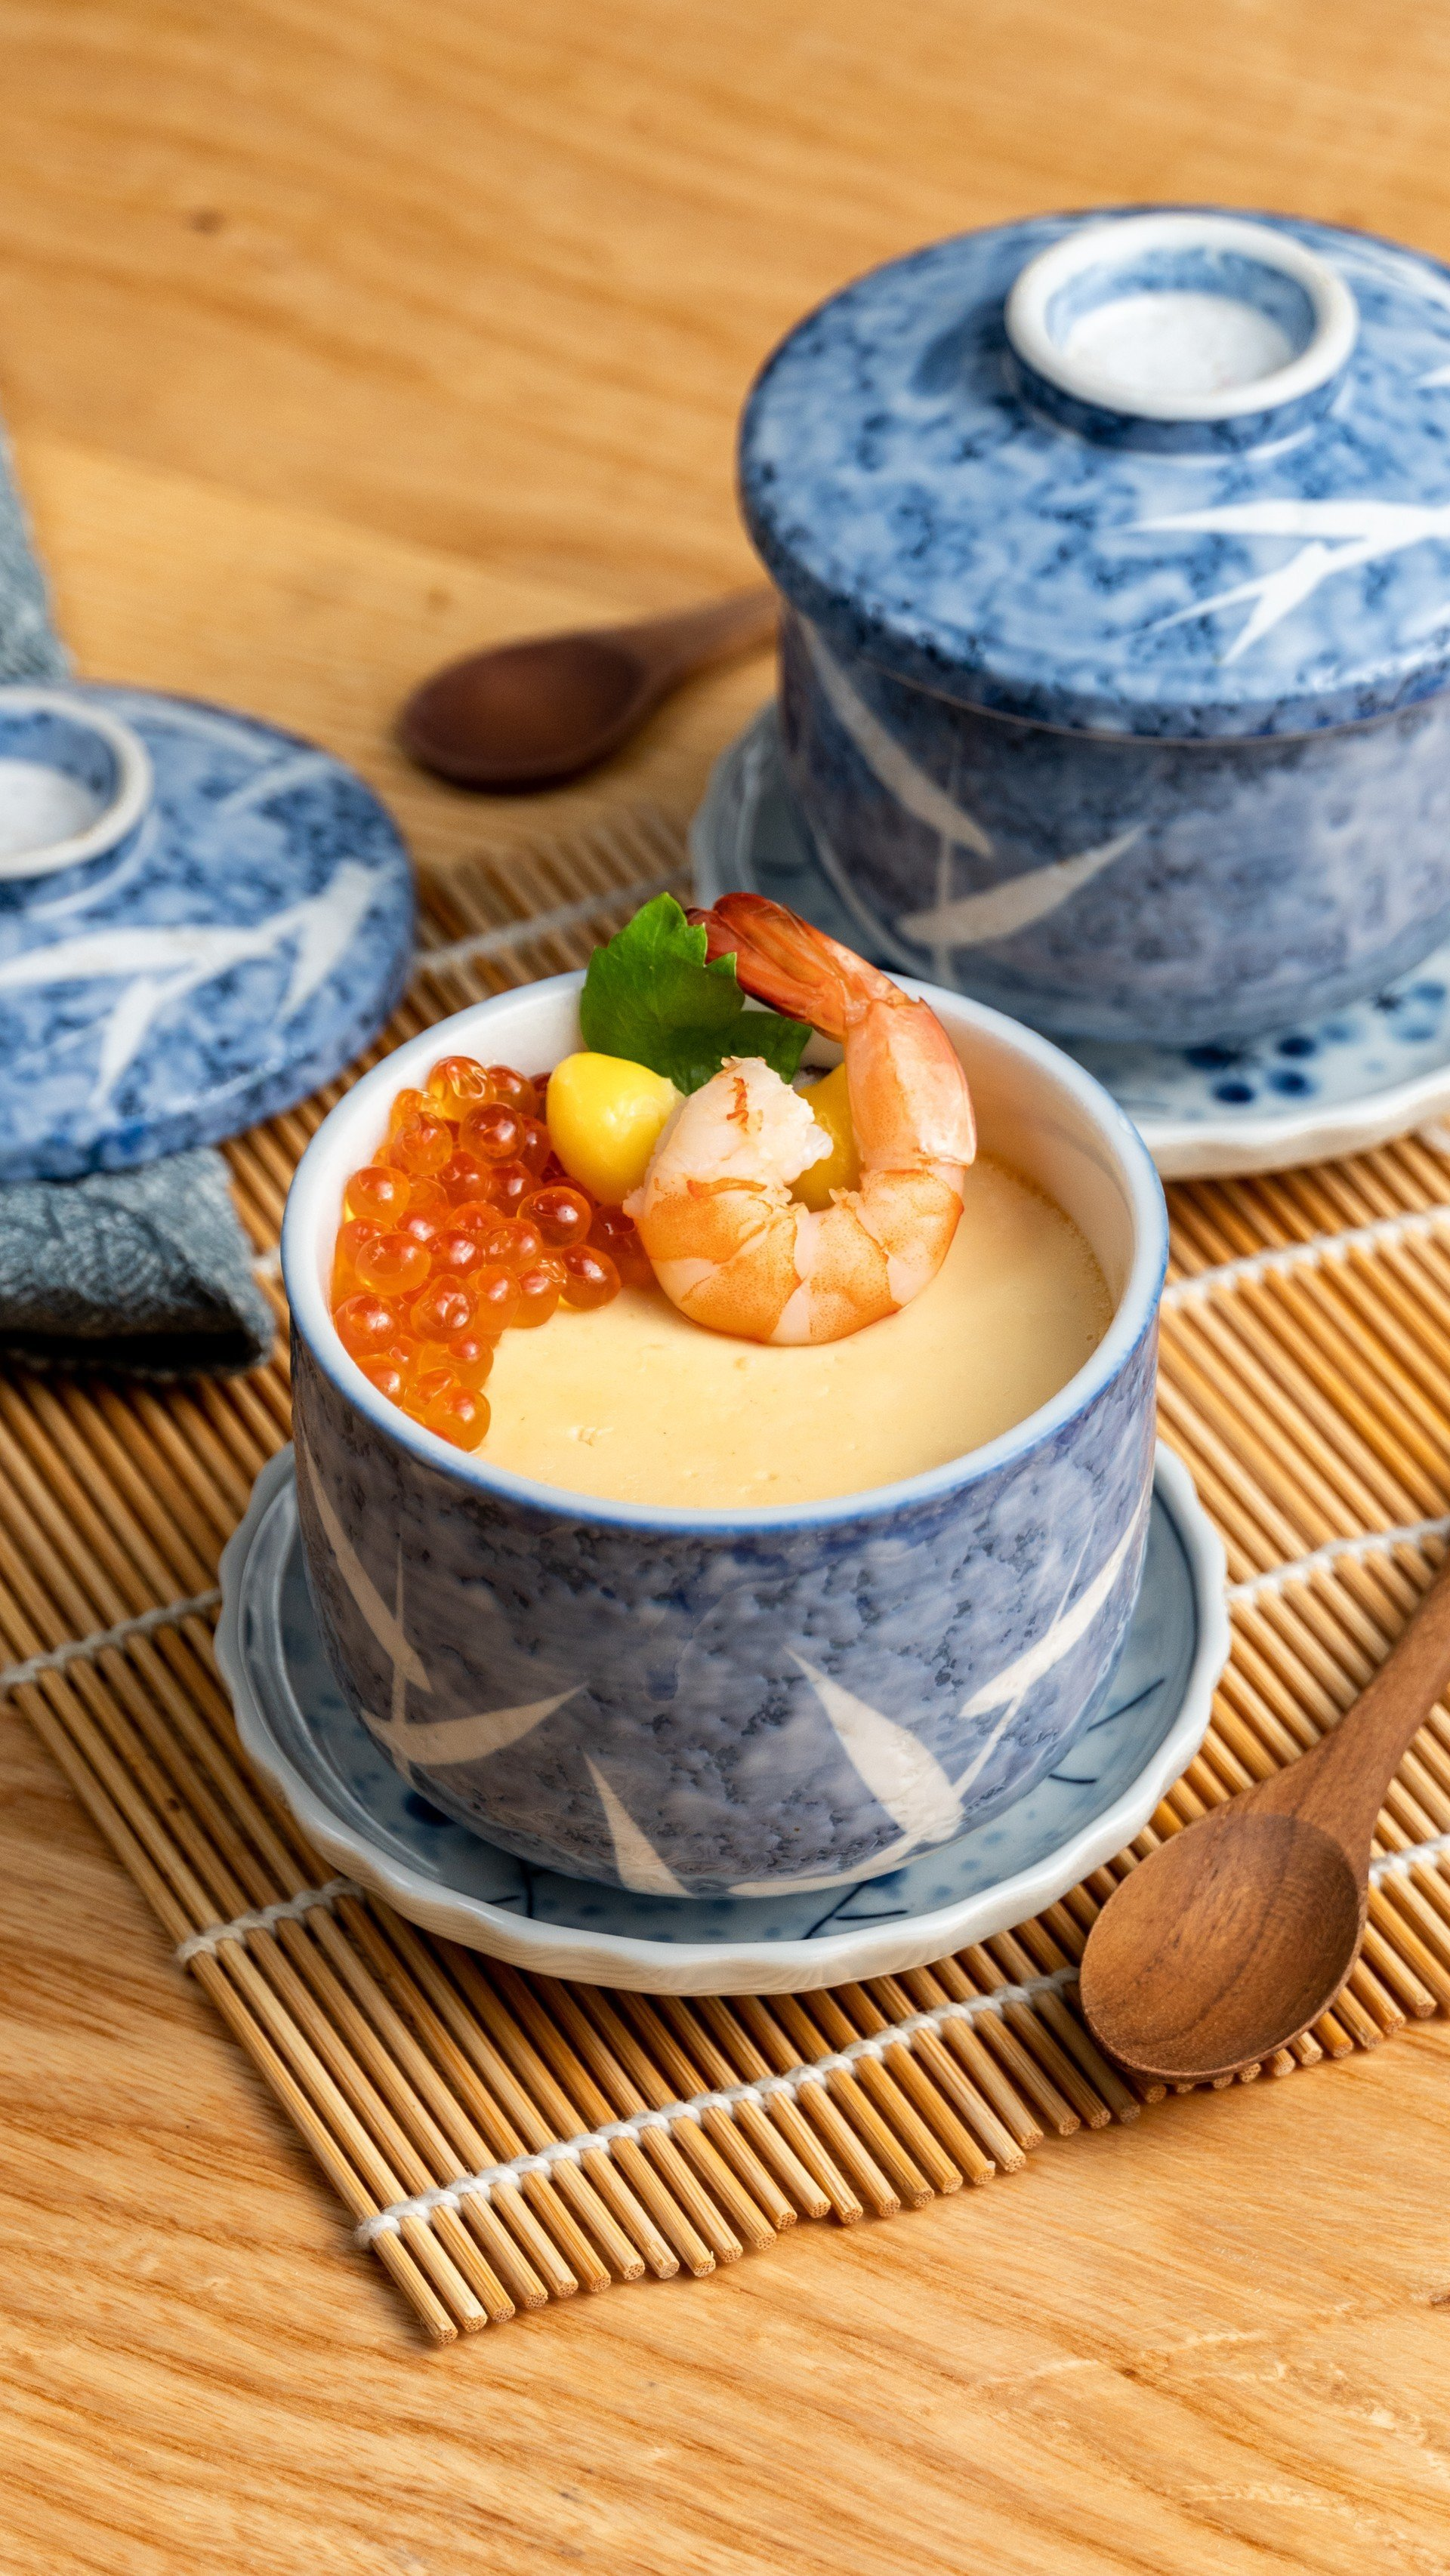 ไข่ตุ๋นญี่ปุ่นไข่ปลาแซลมอน